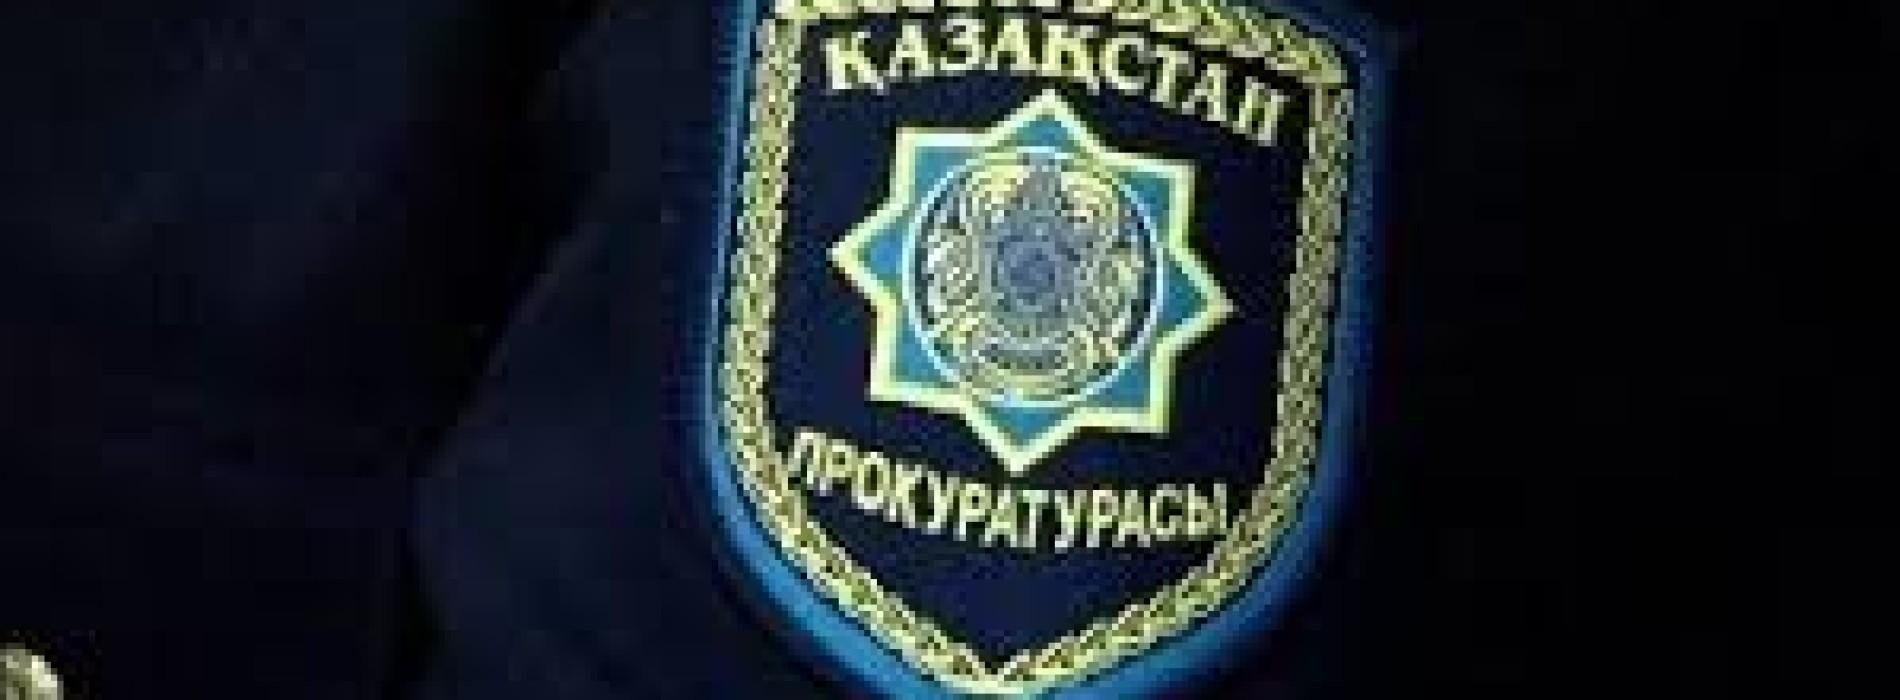 Прокурора уволили после скандального ДТП в Уральске